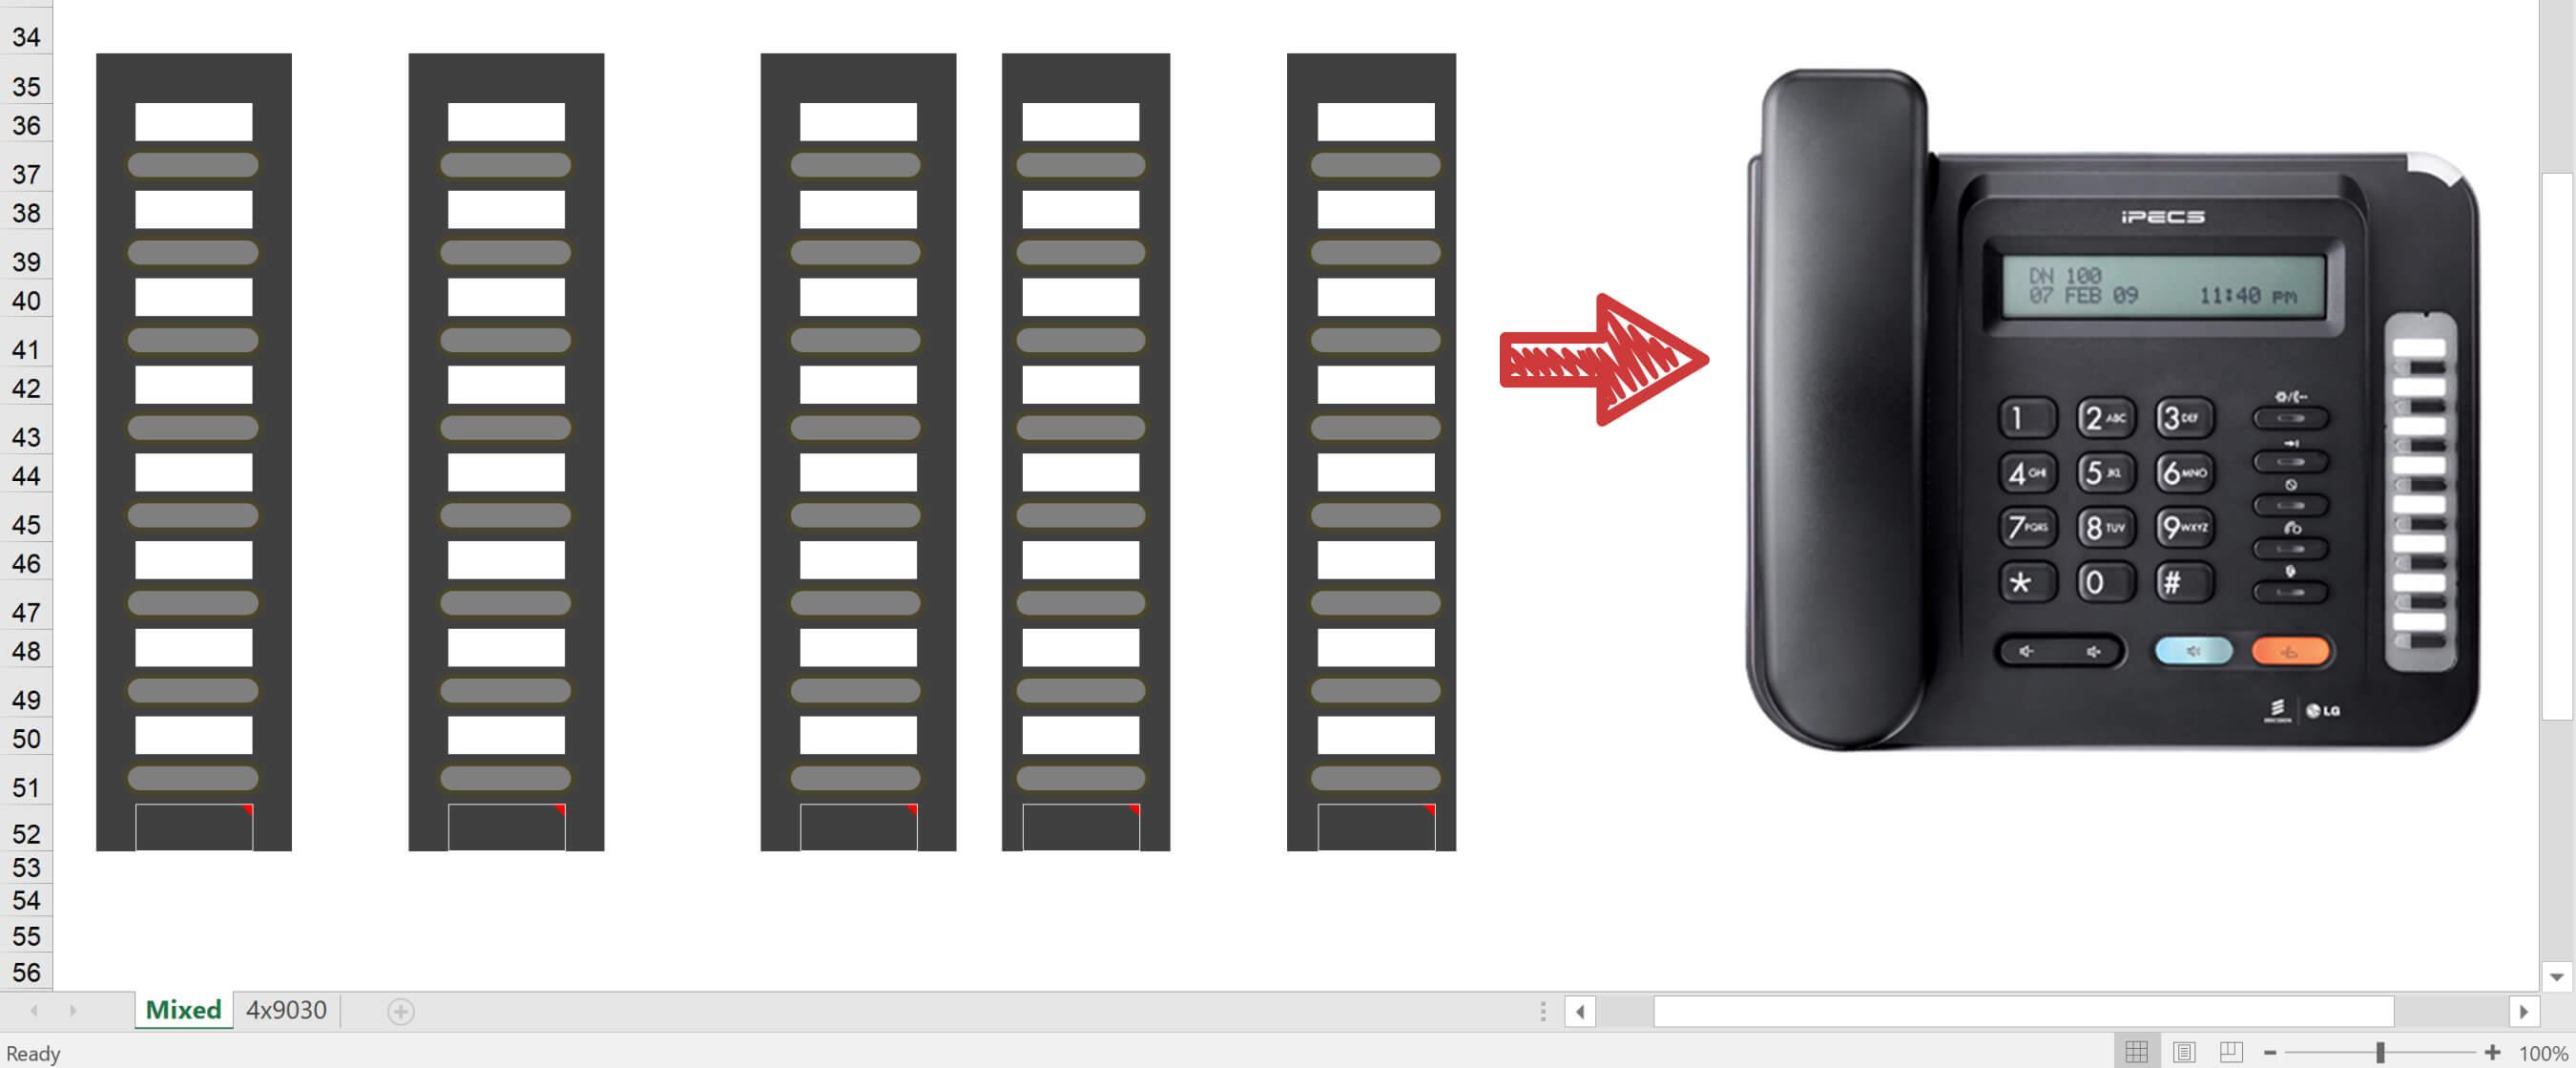 iPecs Phone Handset Label Printing Guide - Infiniti